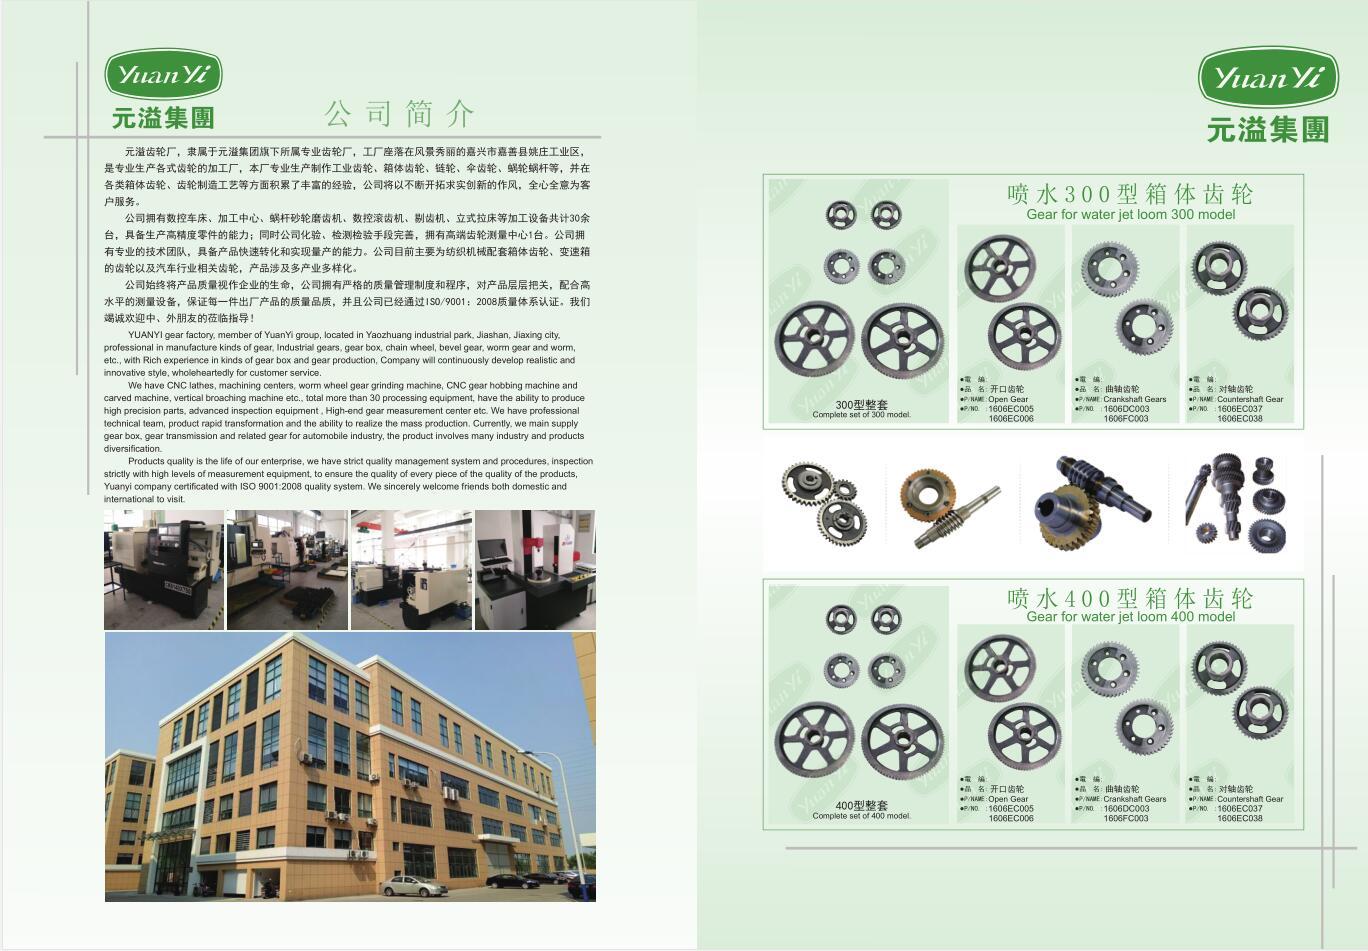 浙江臺資企業生產傘齒蝸輪蝸桿